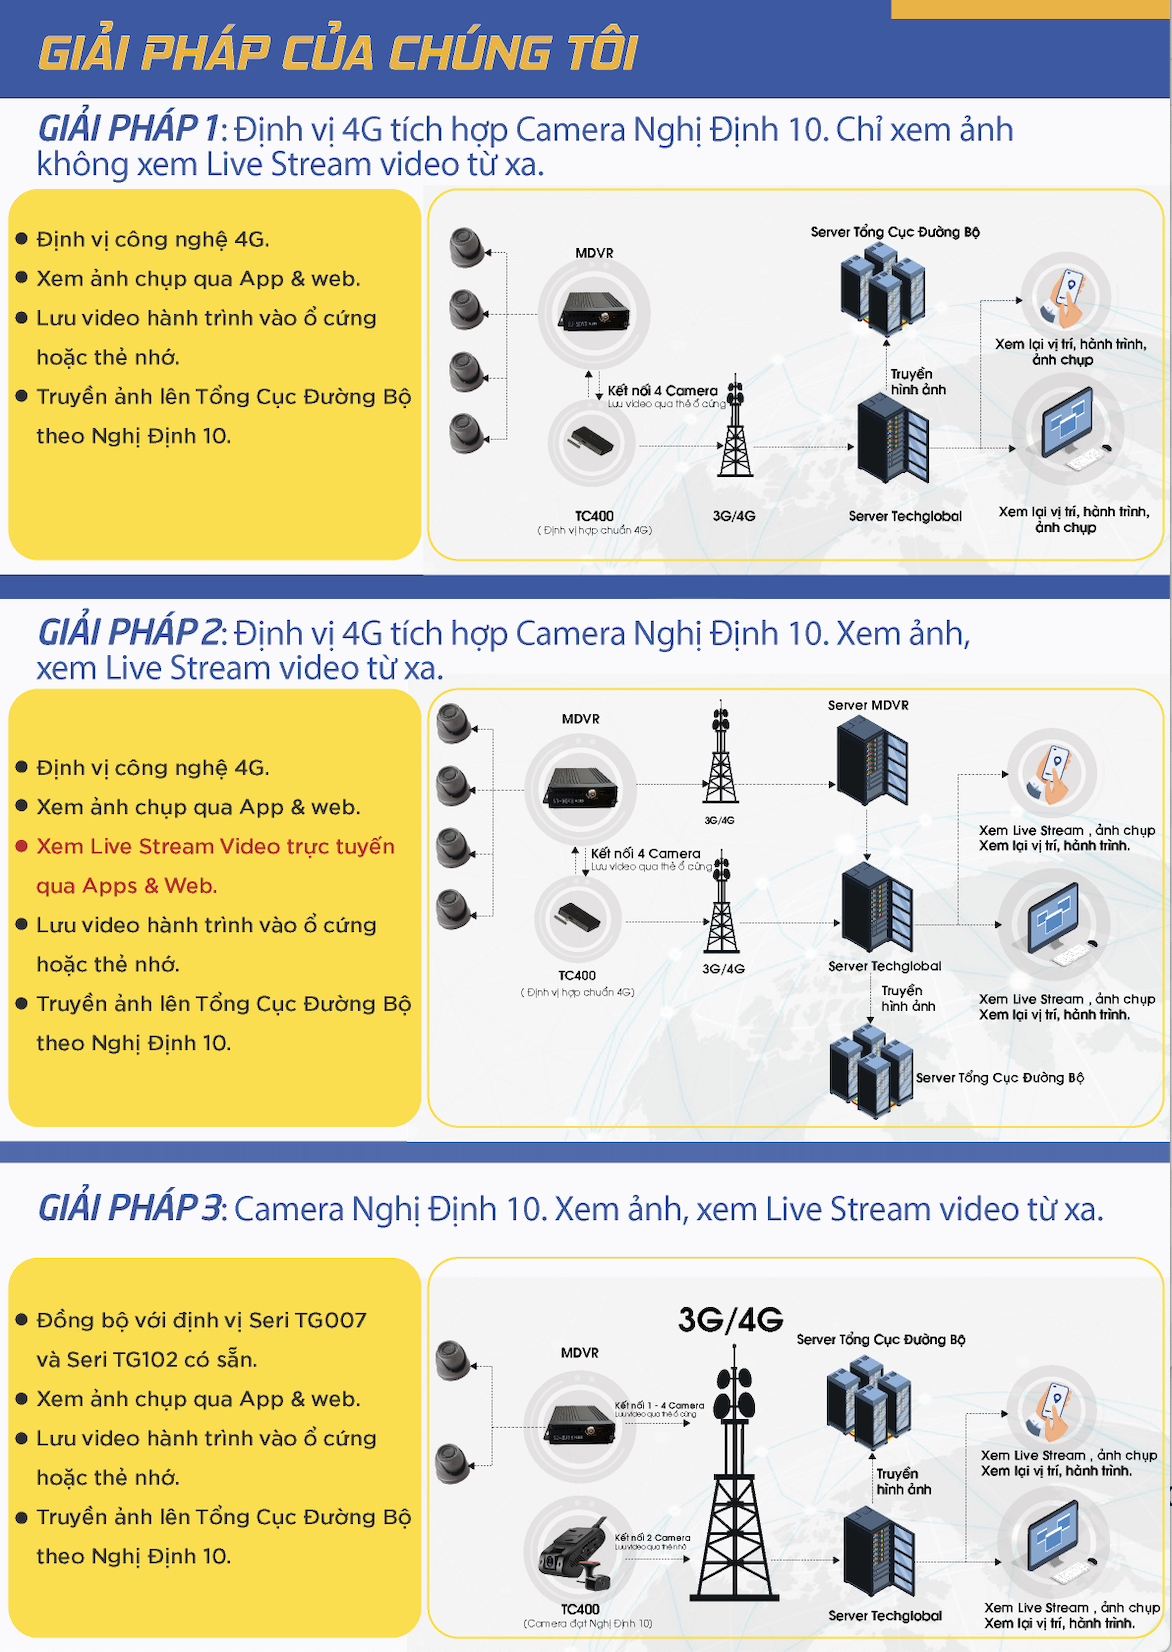 giai-phap-camera-nghi-dinh-10-cua-techglobal